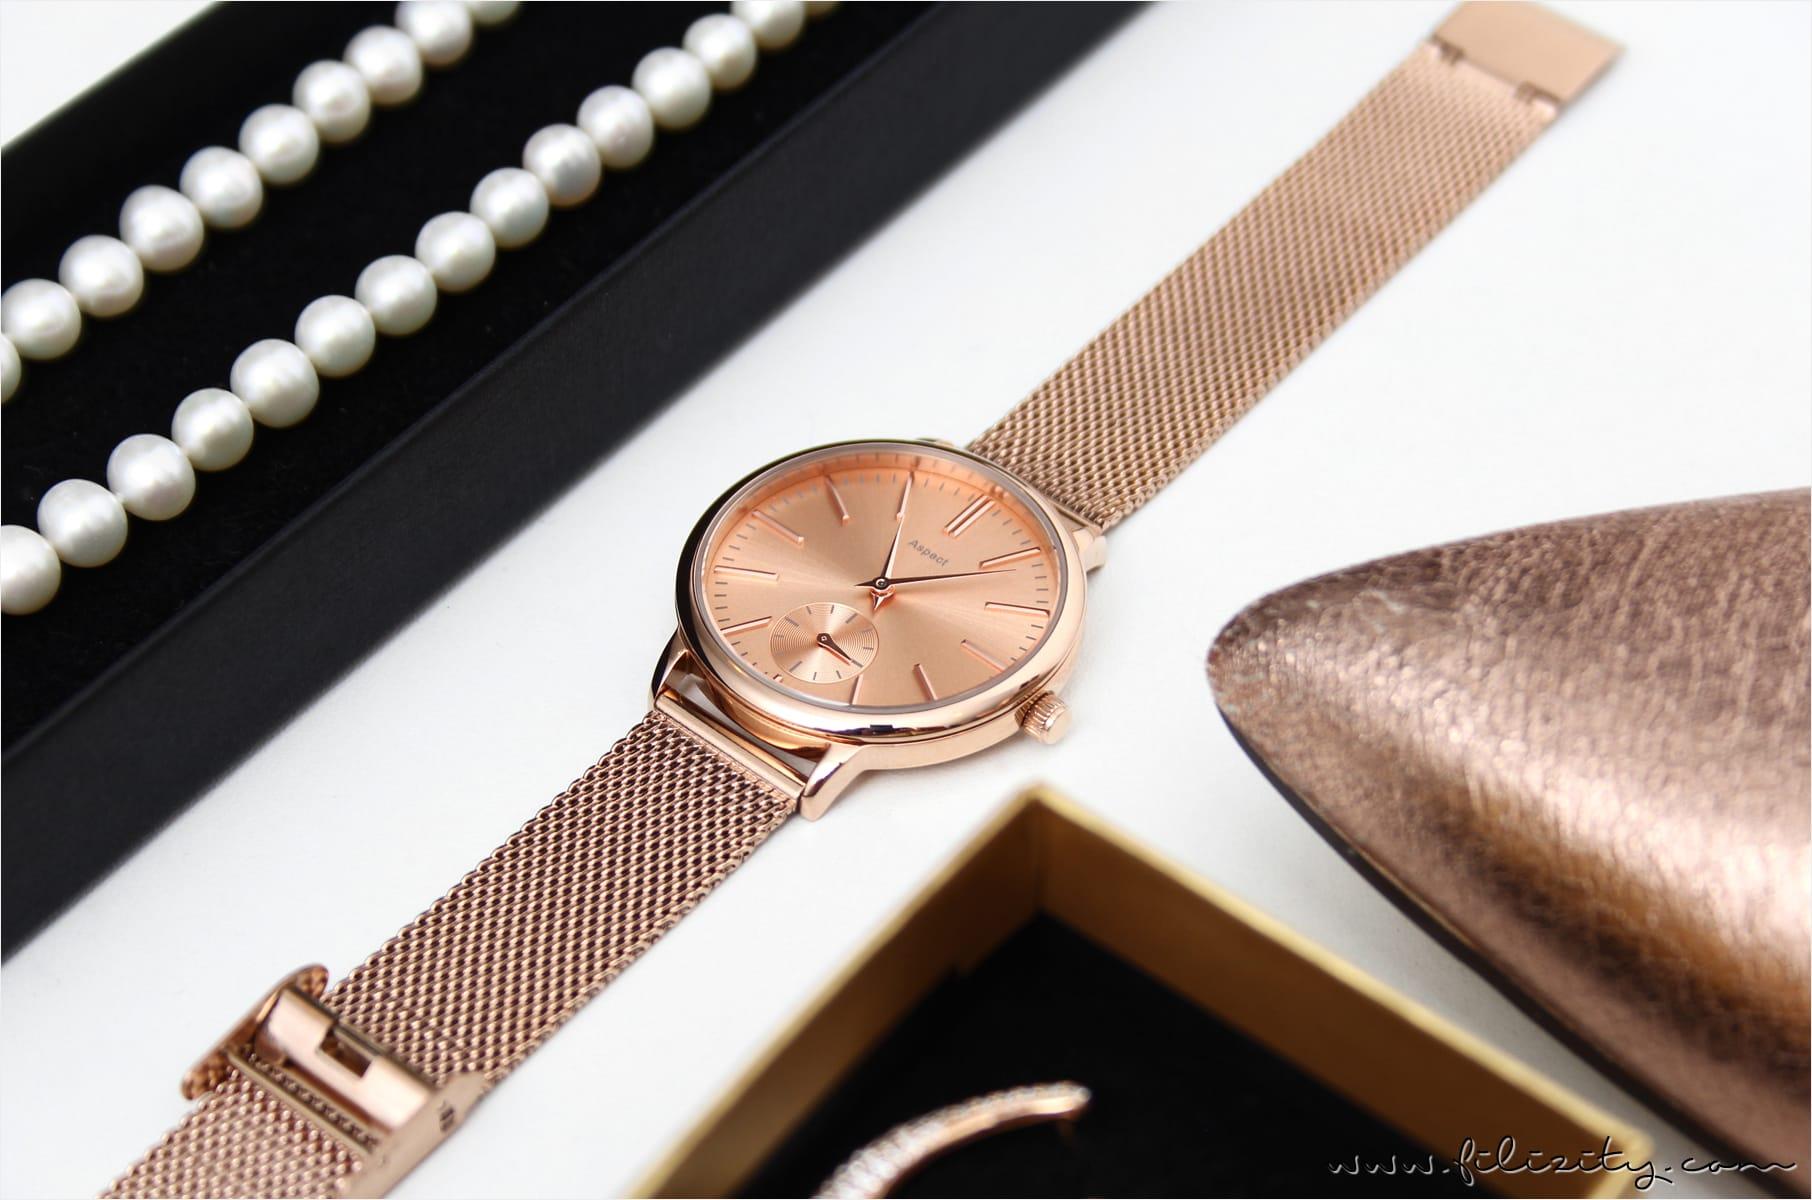 Weihnachtsgeschenke für Frauen: Schmuck und Uhren bei Tchibo